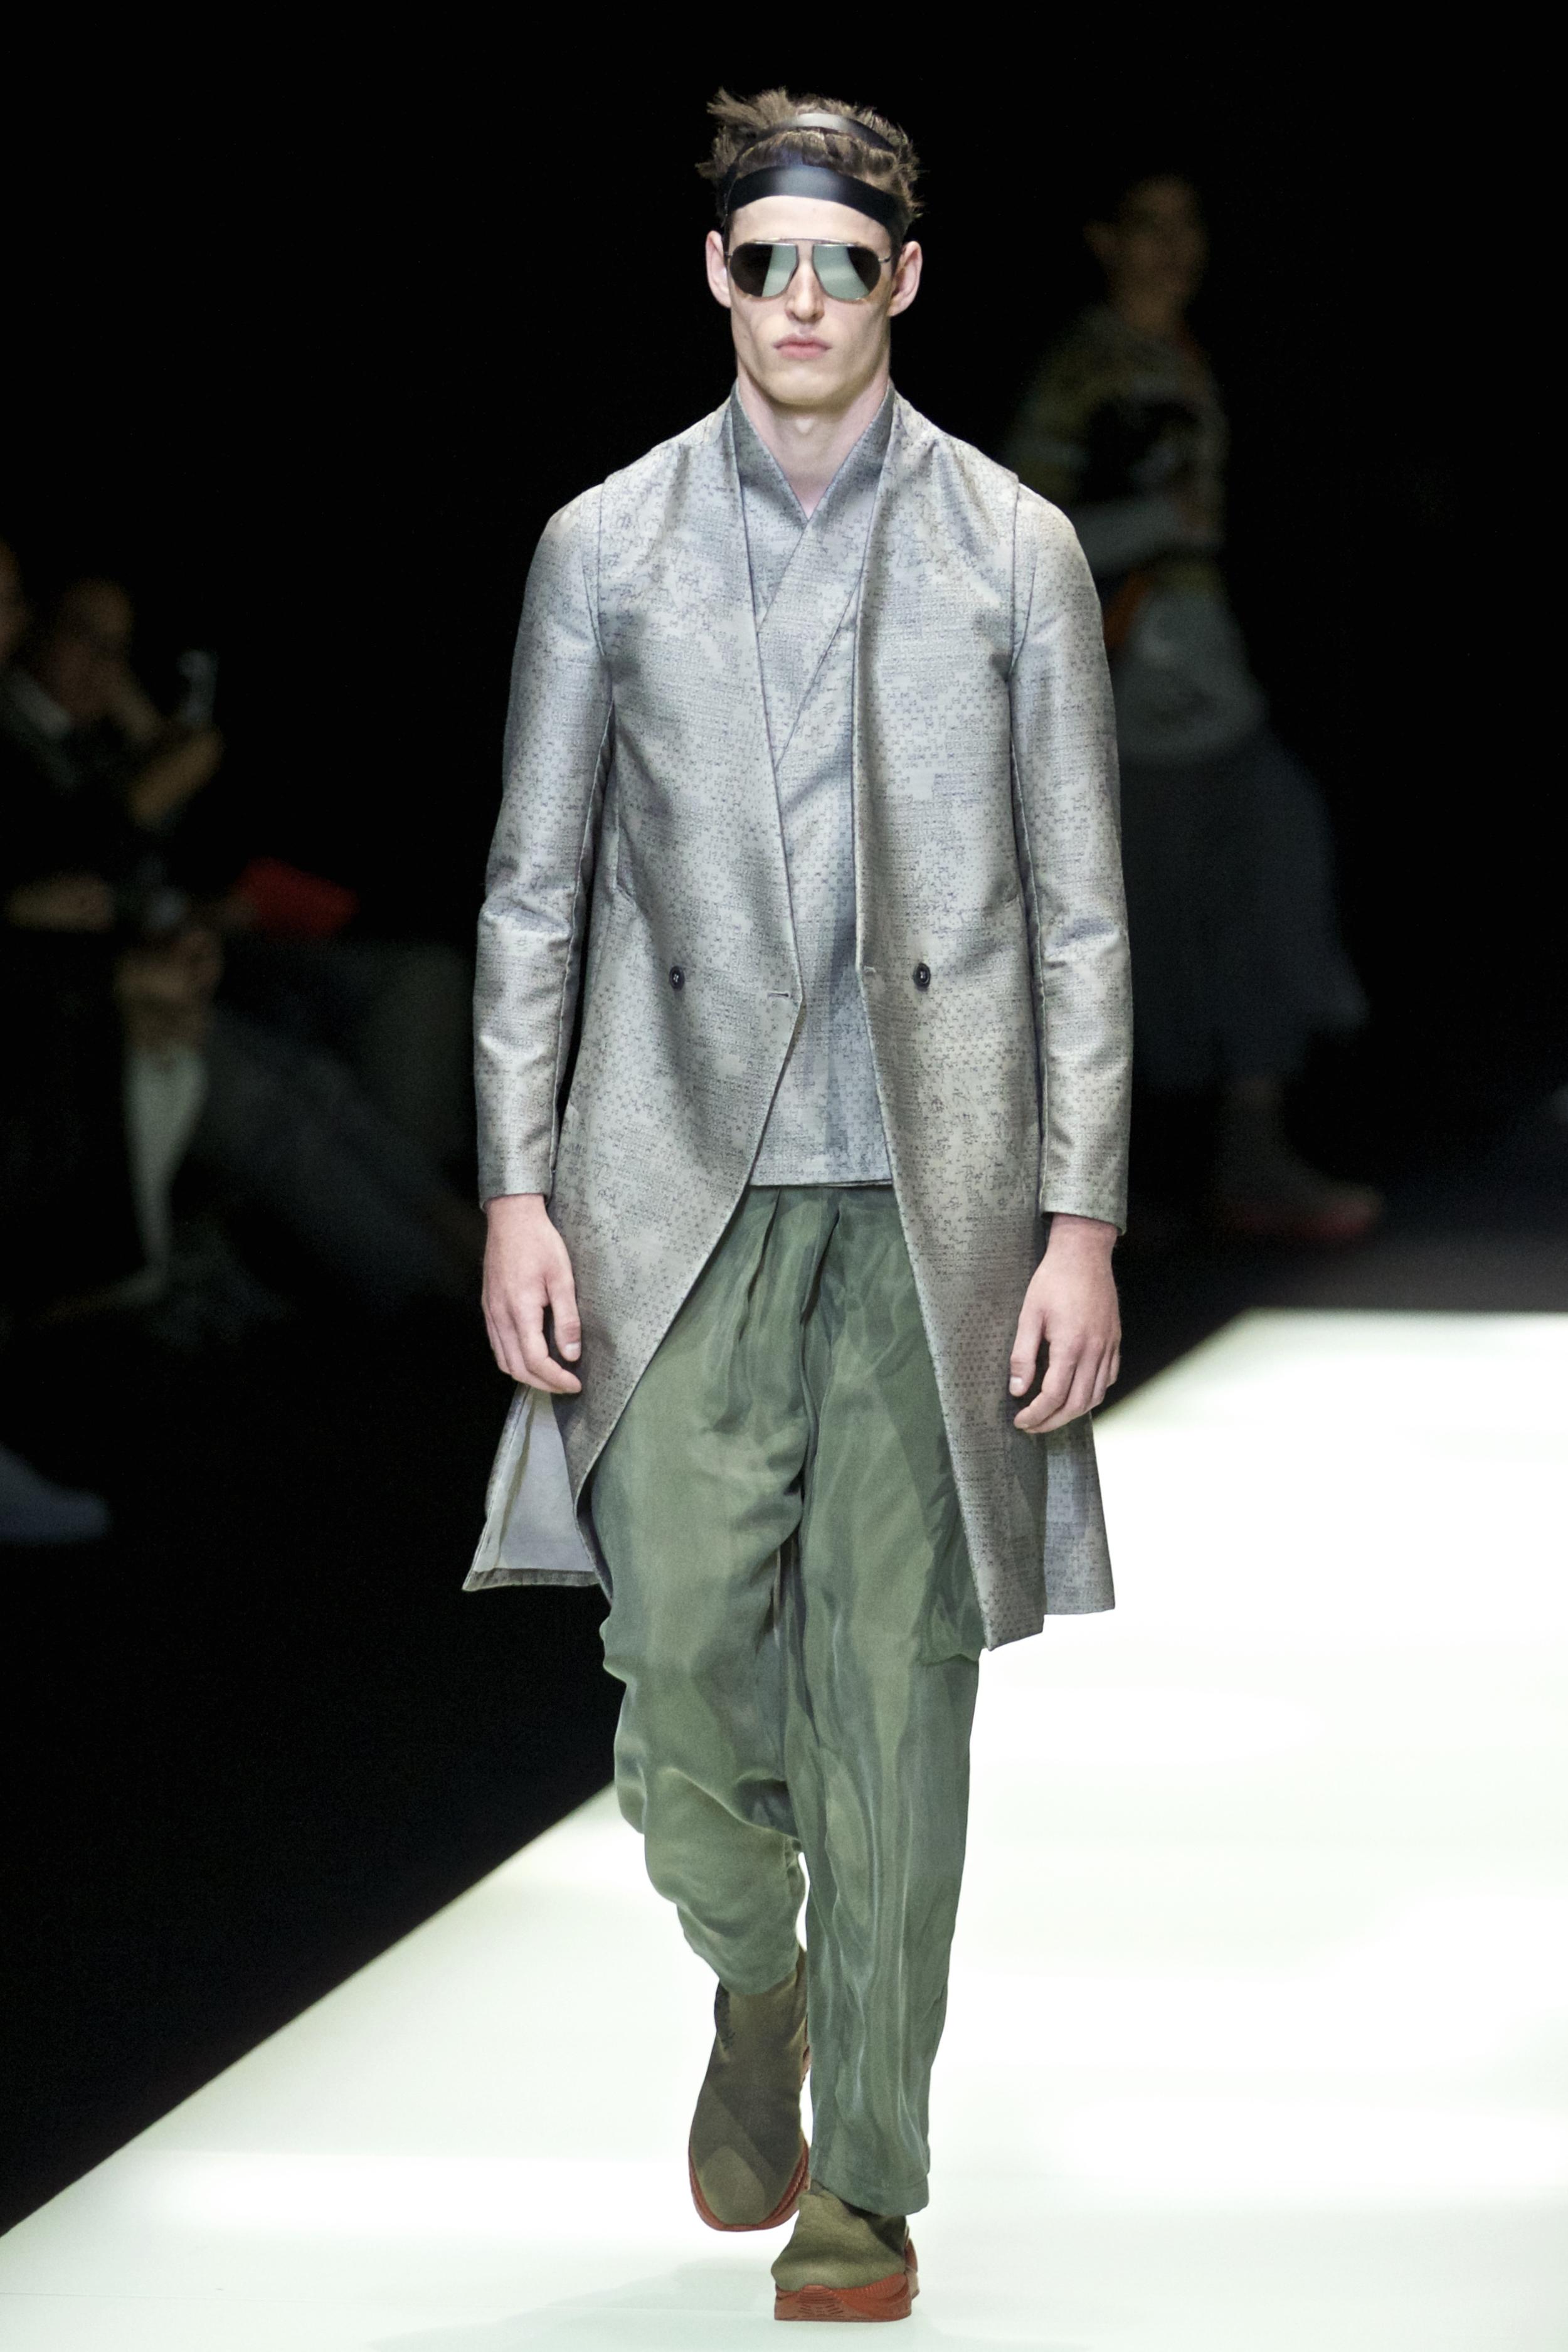 Milan Fashion Week Spring Summer: Emporio Armani zeigt einen Mantel in Metallic-Silber in Kombination mit einer grünen Stoffhose